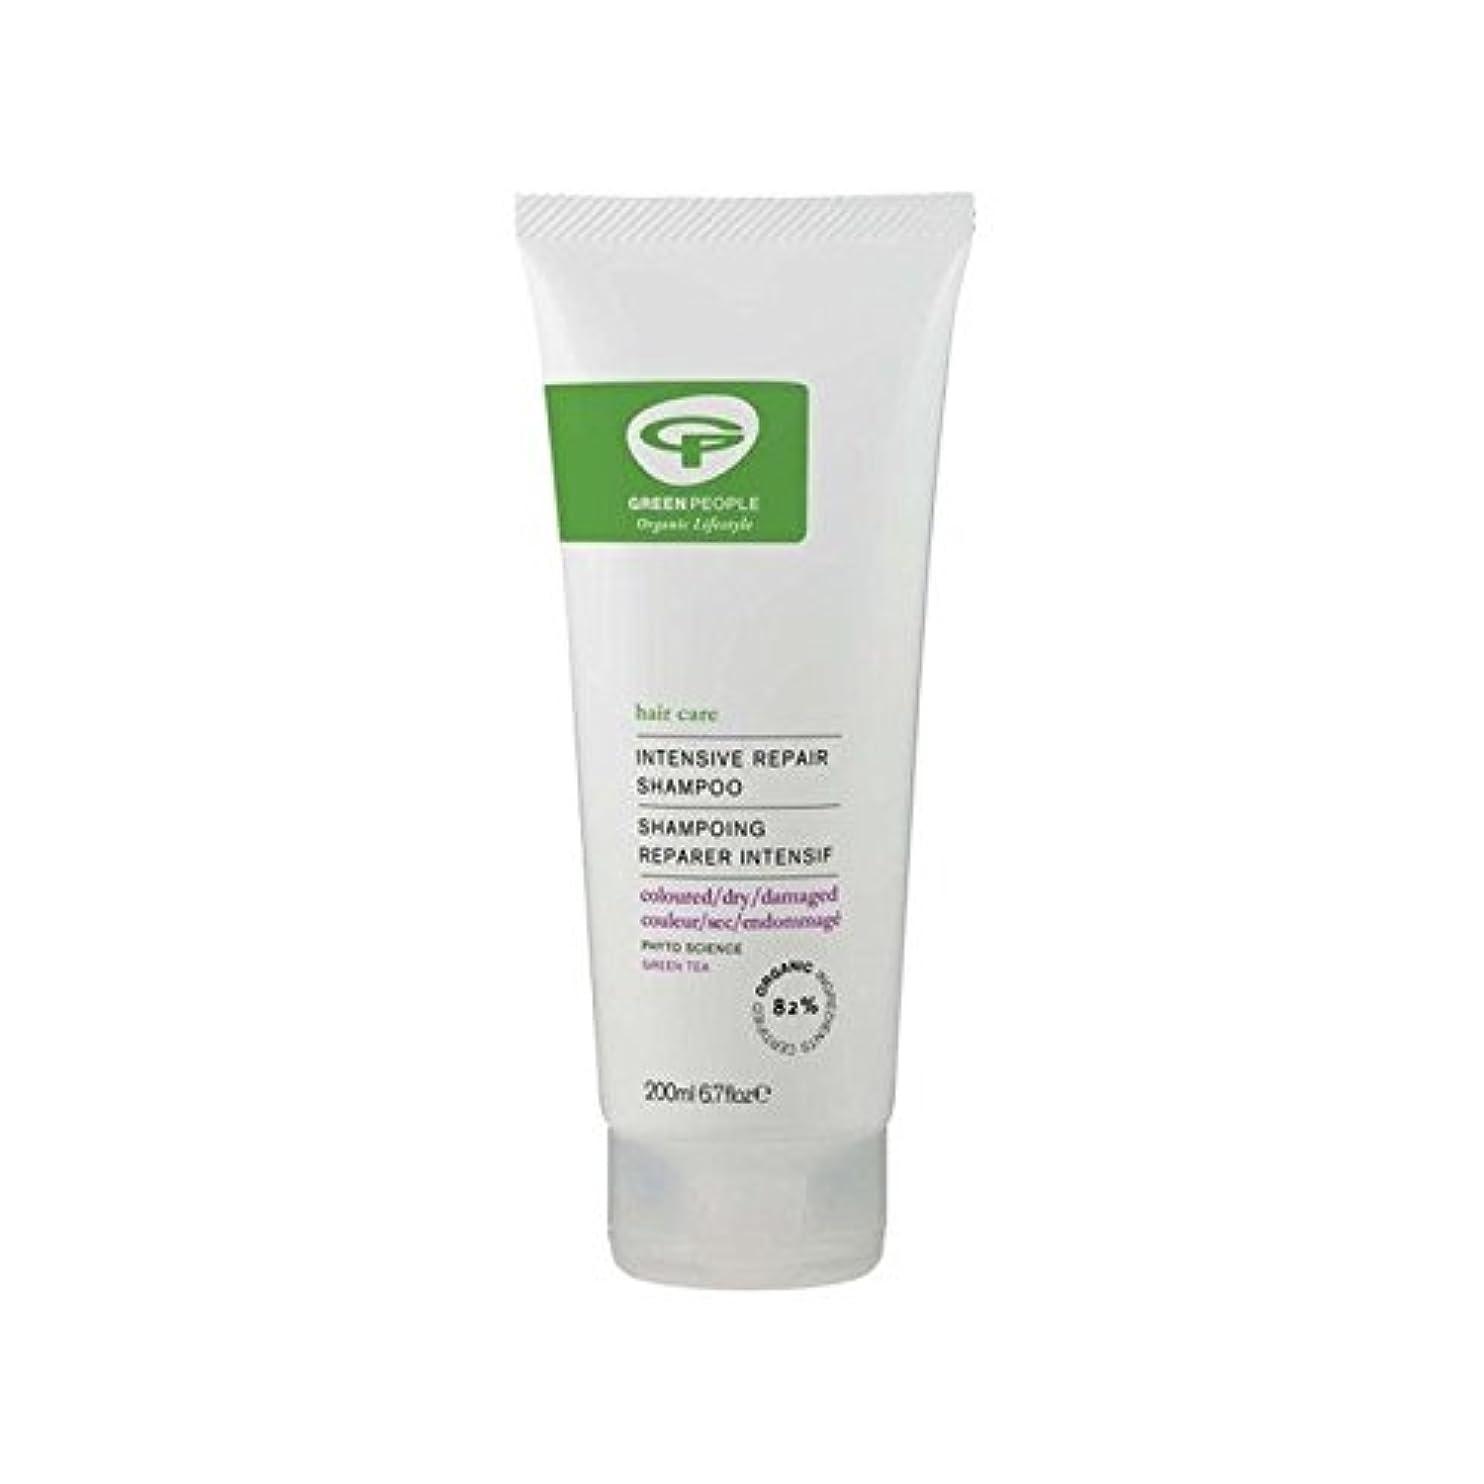 解決法王ギャザー緑の人の集中リペアシャンプー(200ミリリットル) x4 - Green People Intensive Repair Shampoo (200ml) (Pack of 4) [並行輸入品]